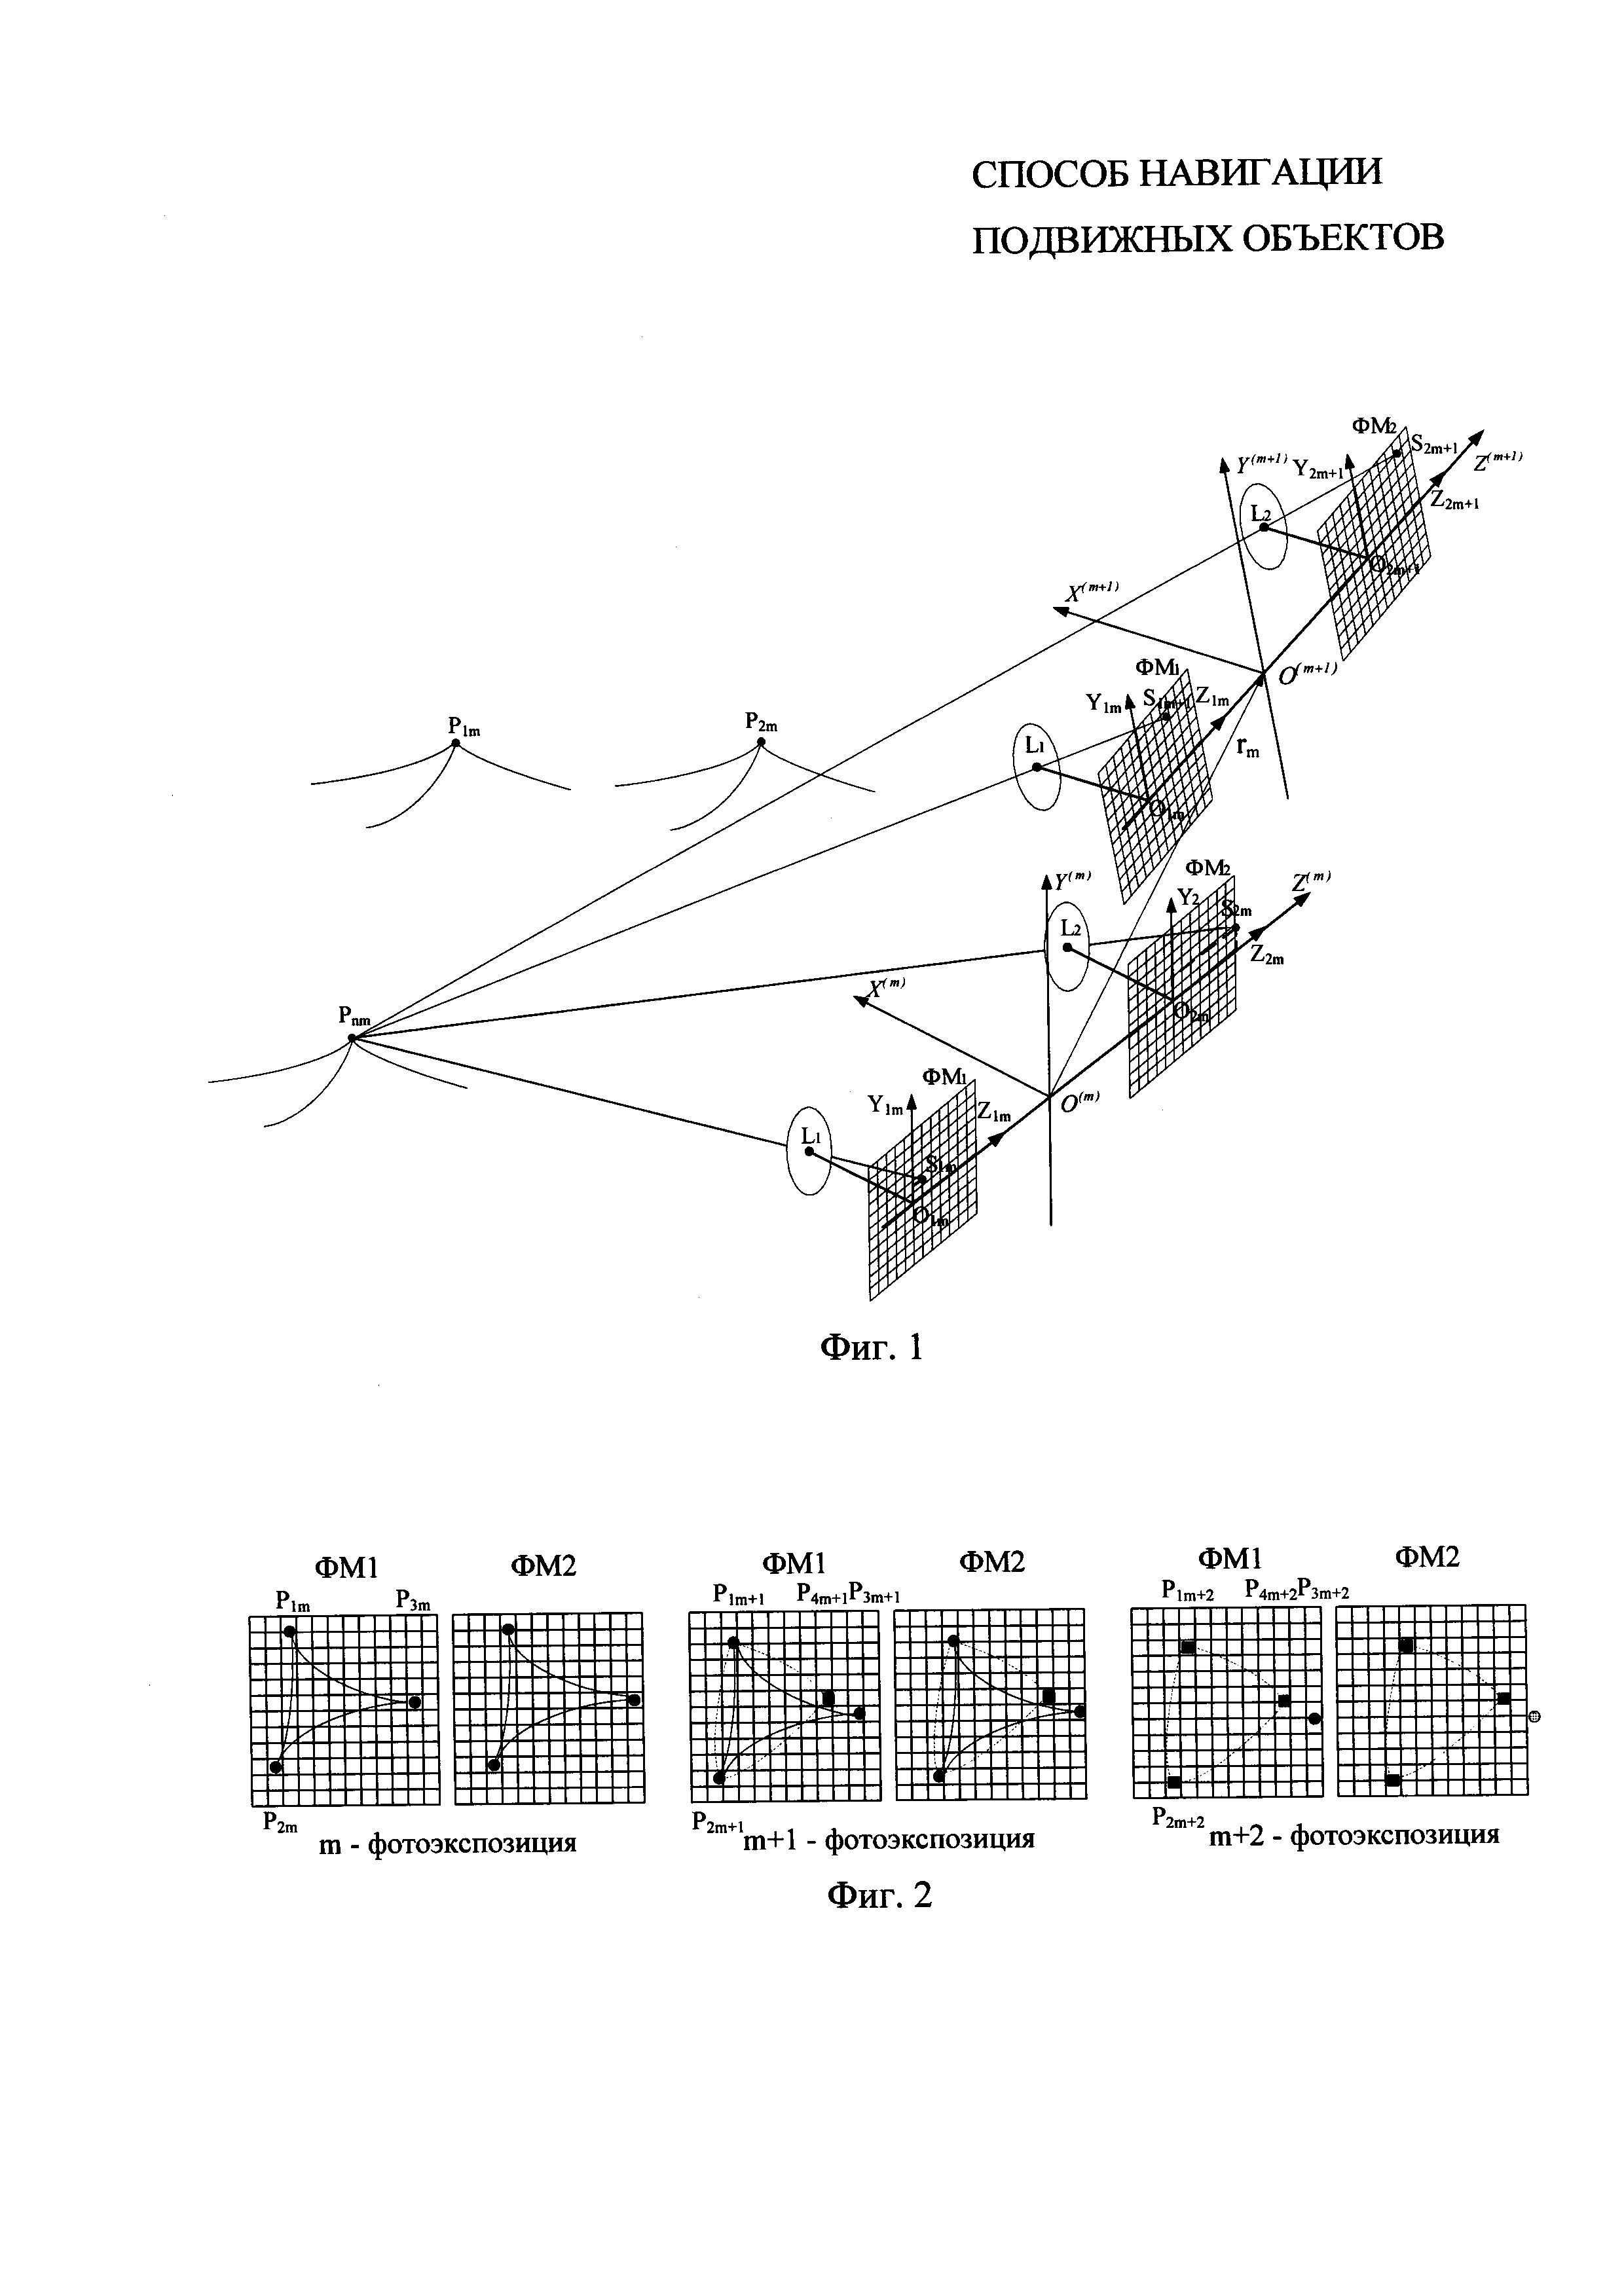 Способ навигации подвижного объекта